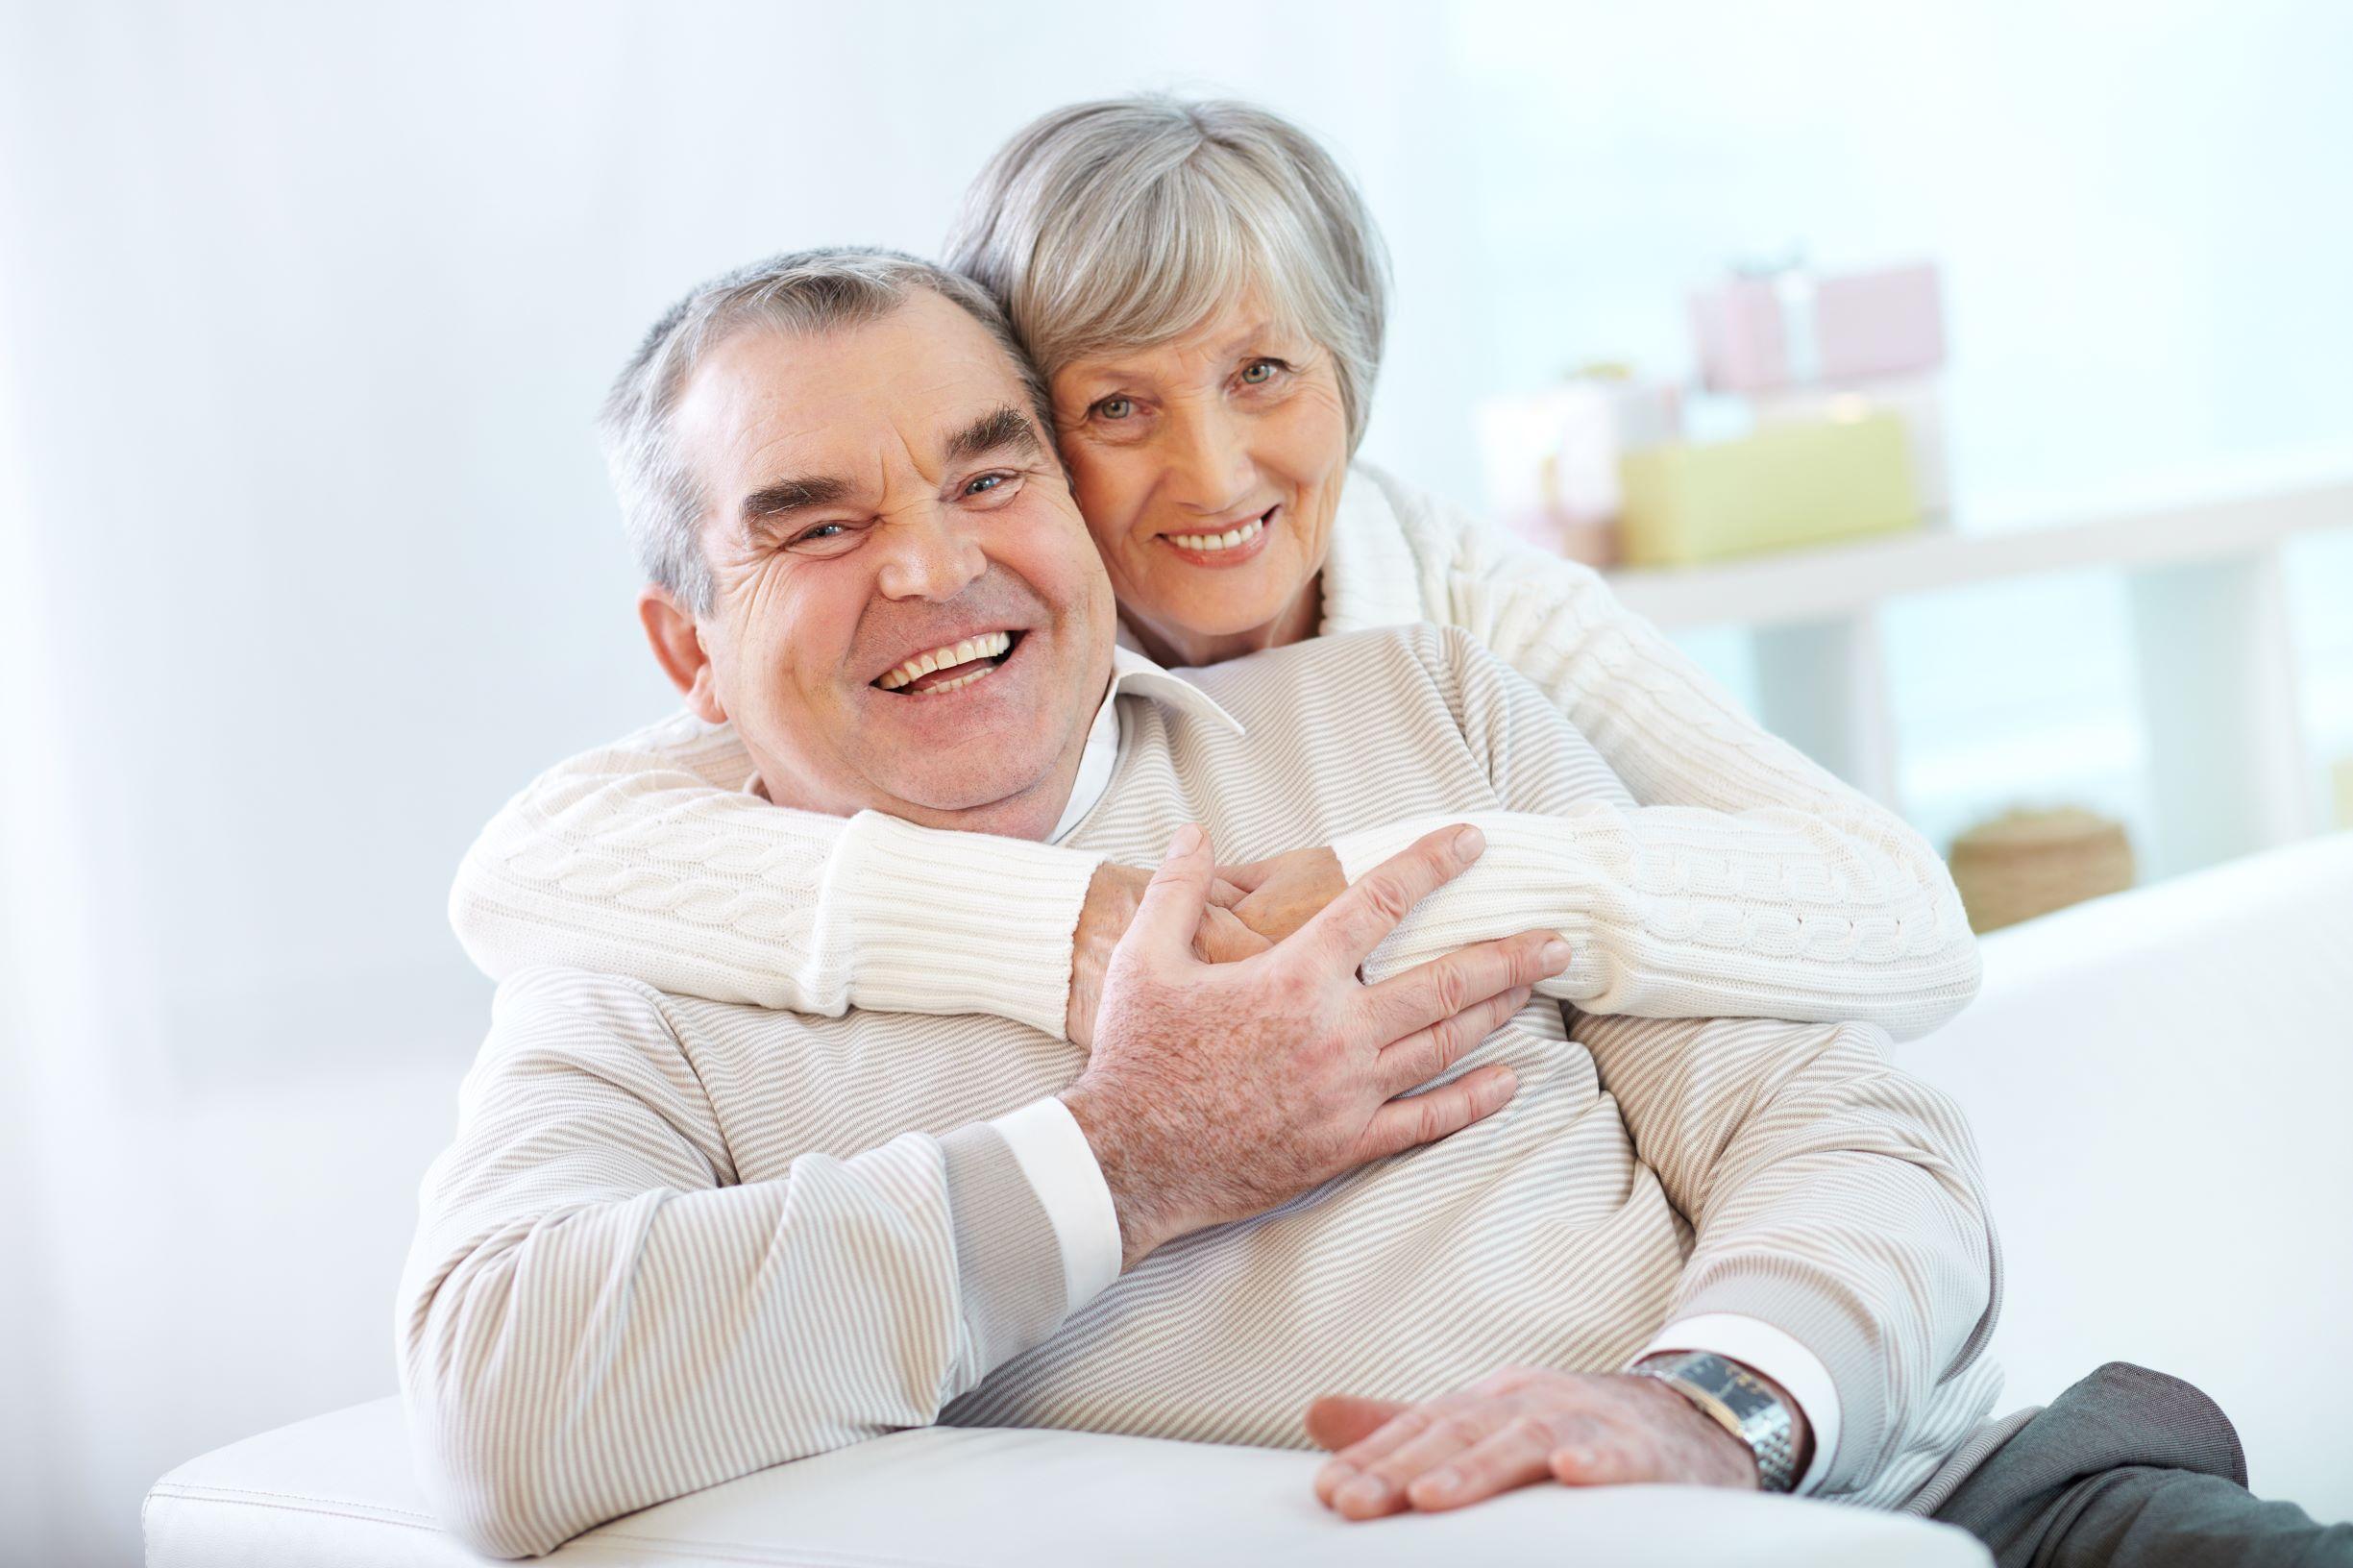 Artigo otimismo e longevidade - Heloísa Capelas